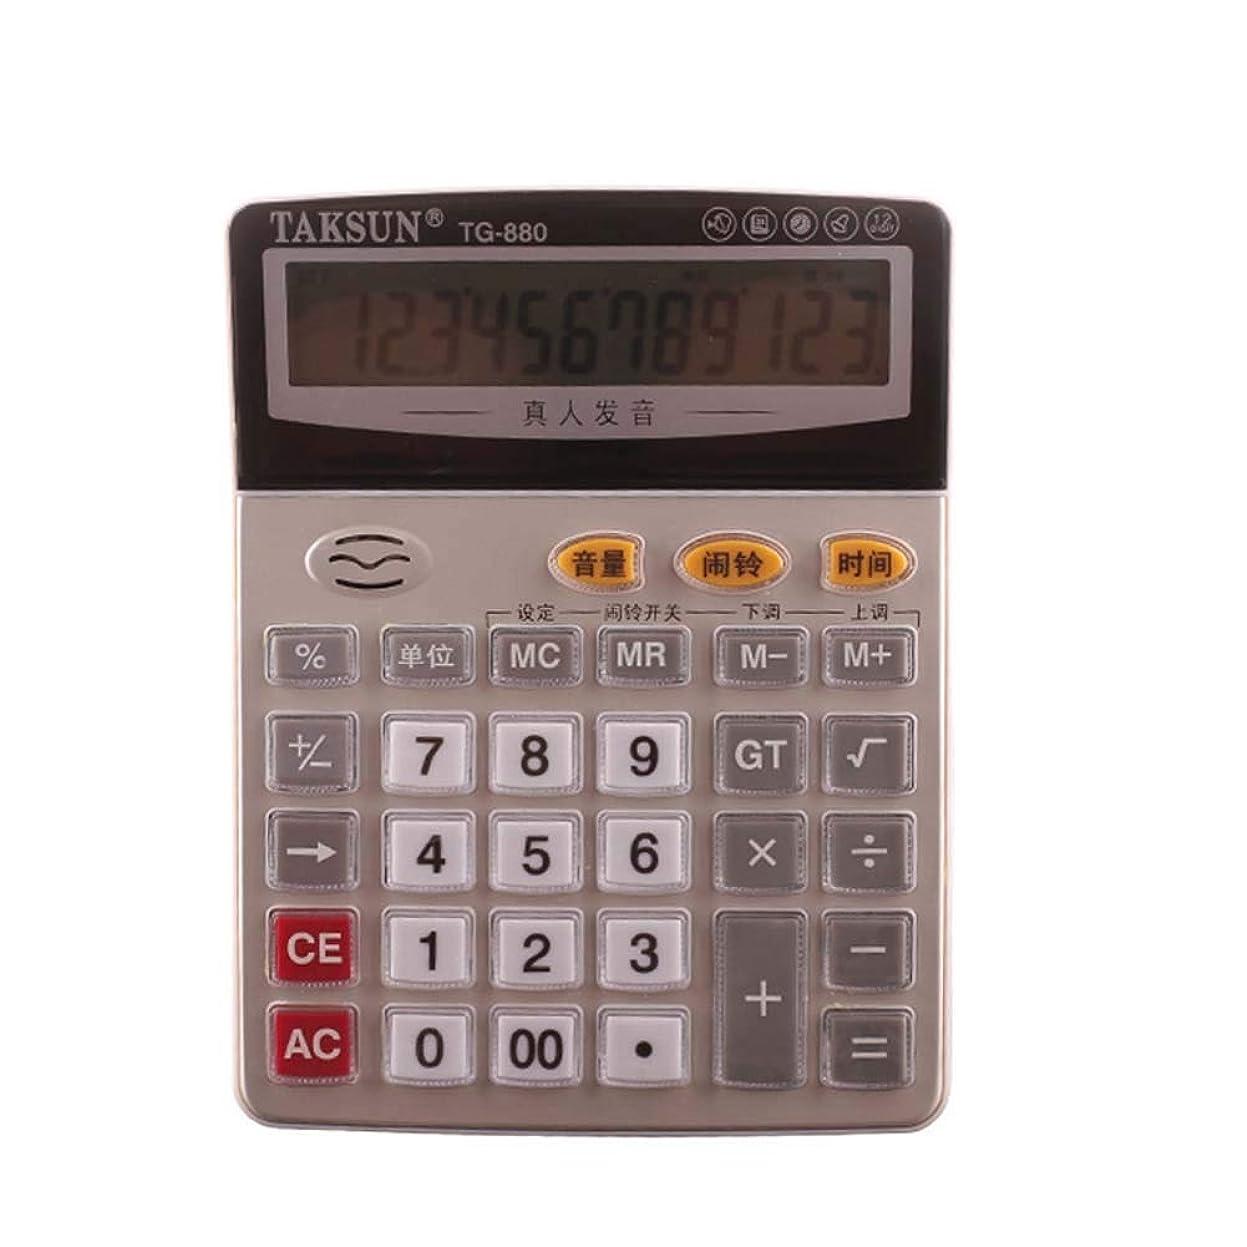 不幸ぼかす蓮HUIHE オルゴールデスクトップ計算機 12桁LCDディスプレイ 音声読書 目覚まし時計 中国製